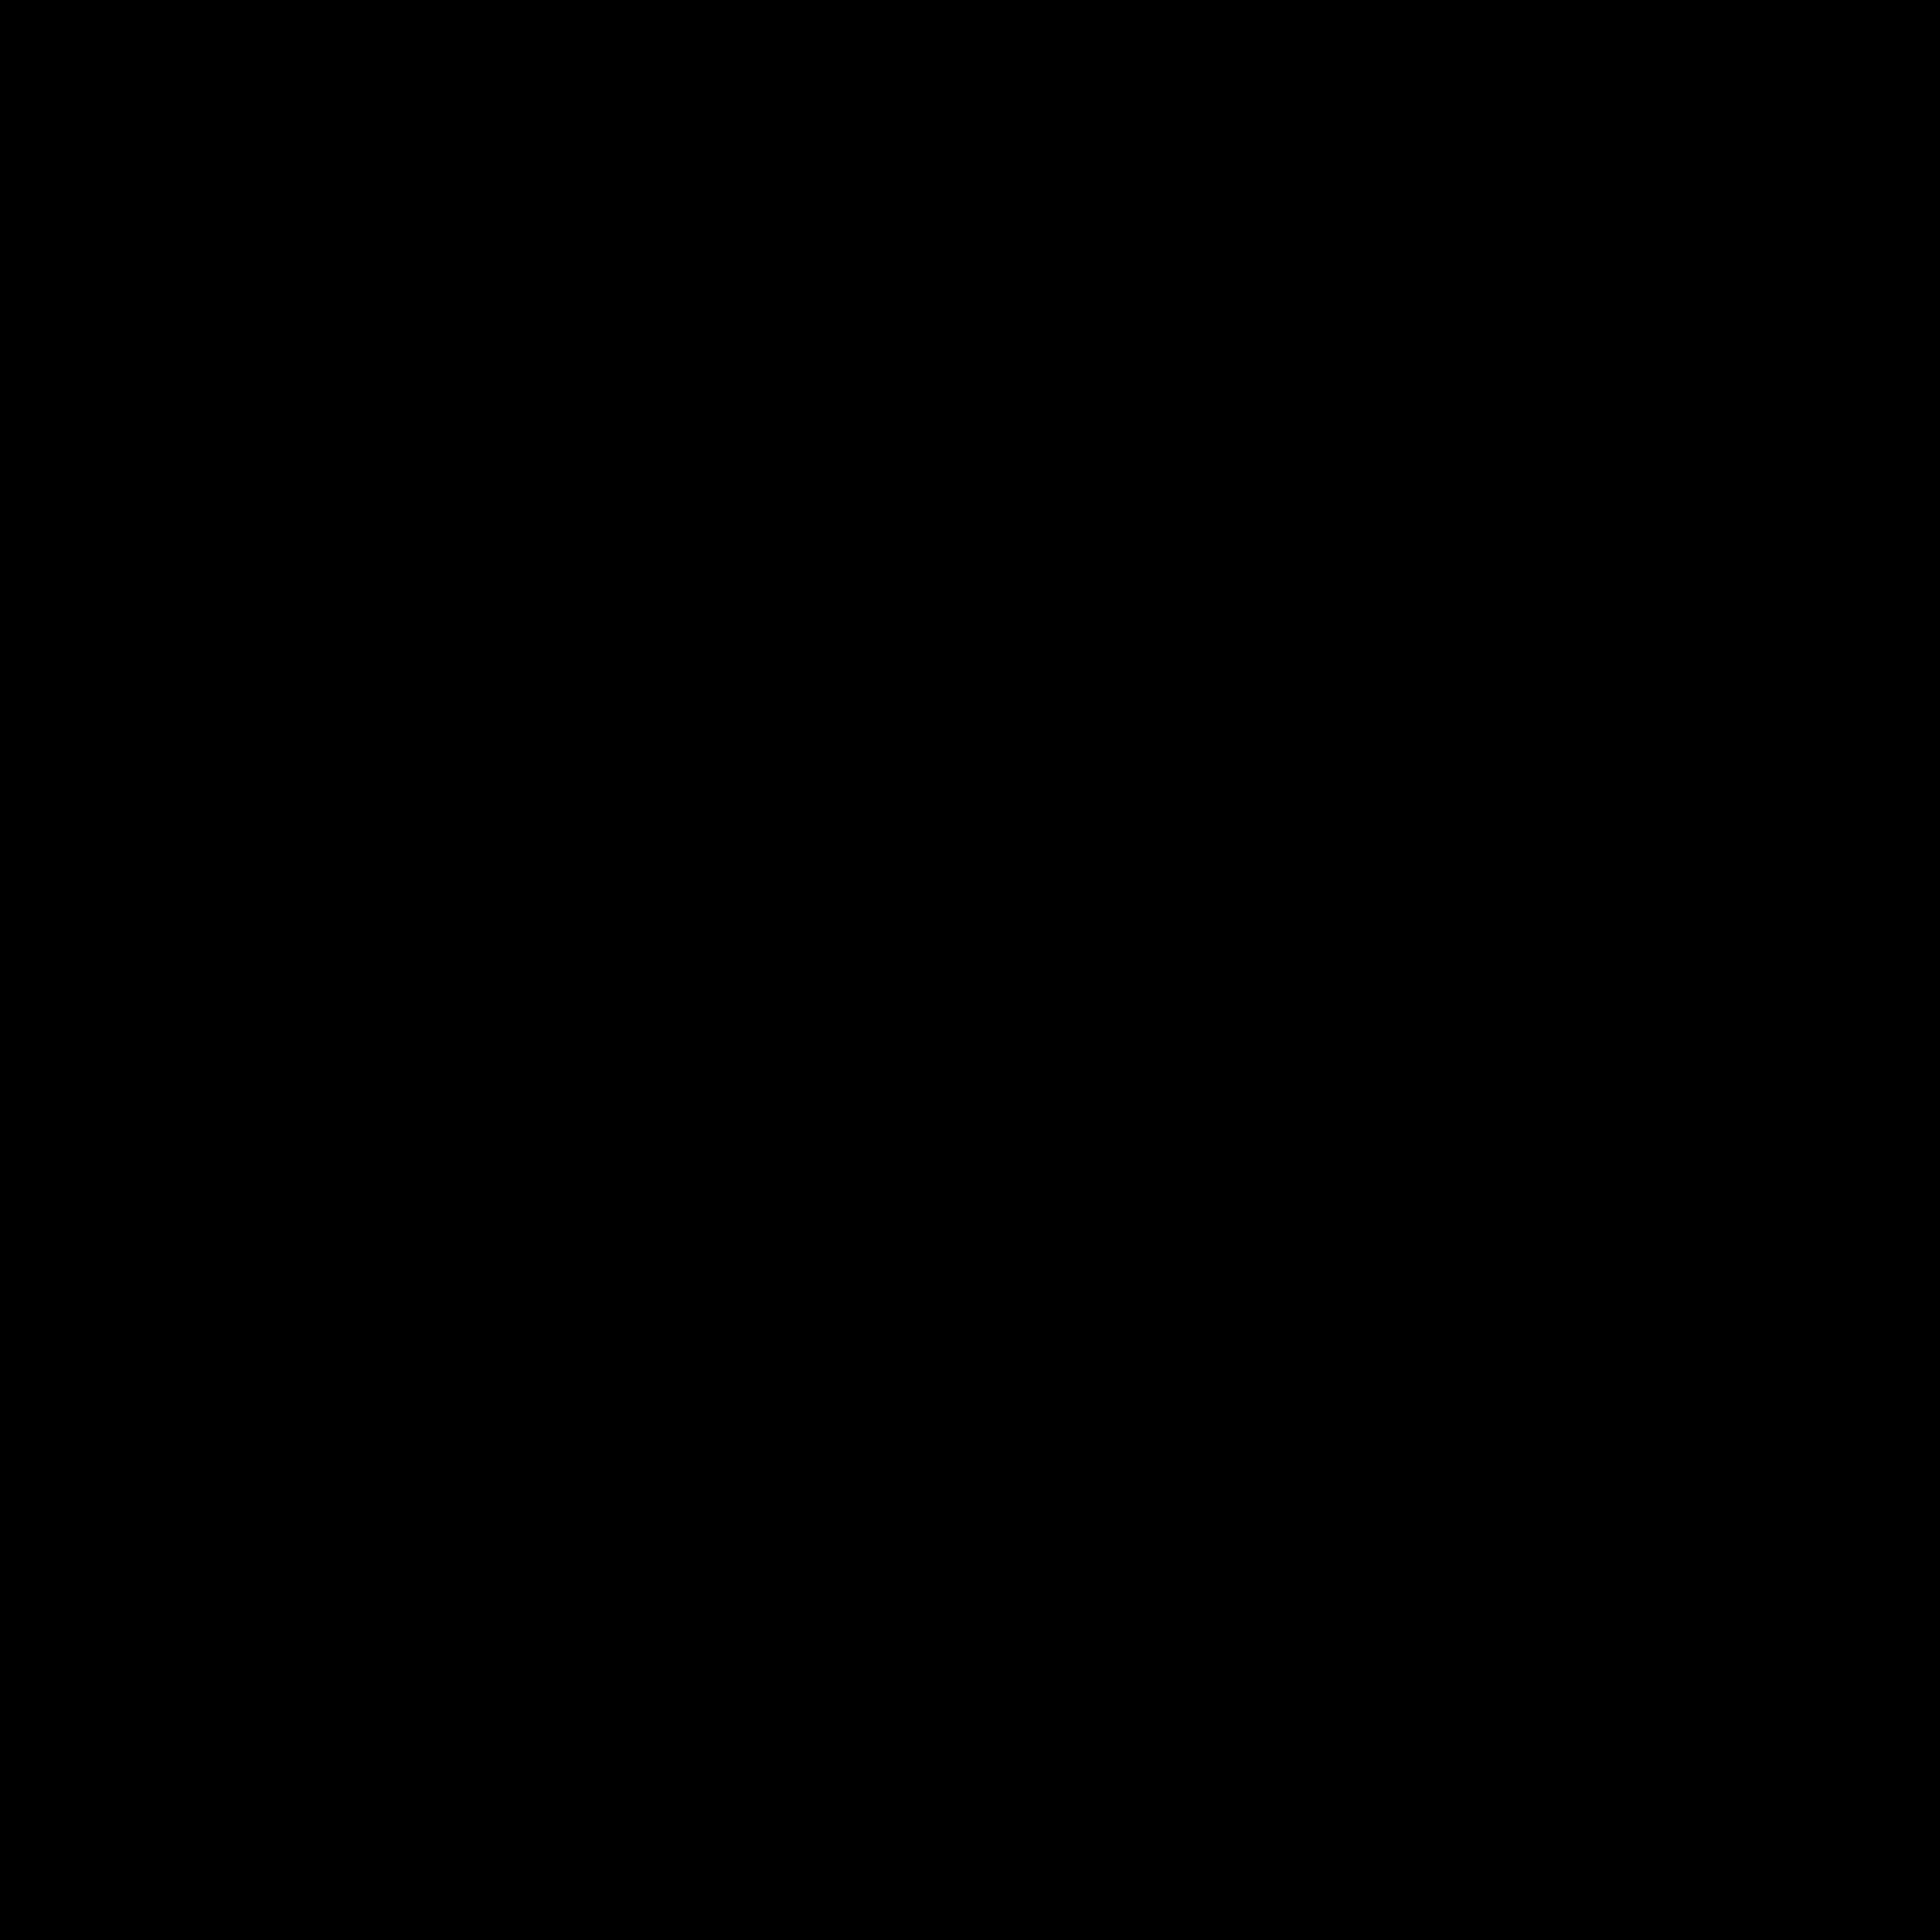 gensler-logo-png-transparent.png